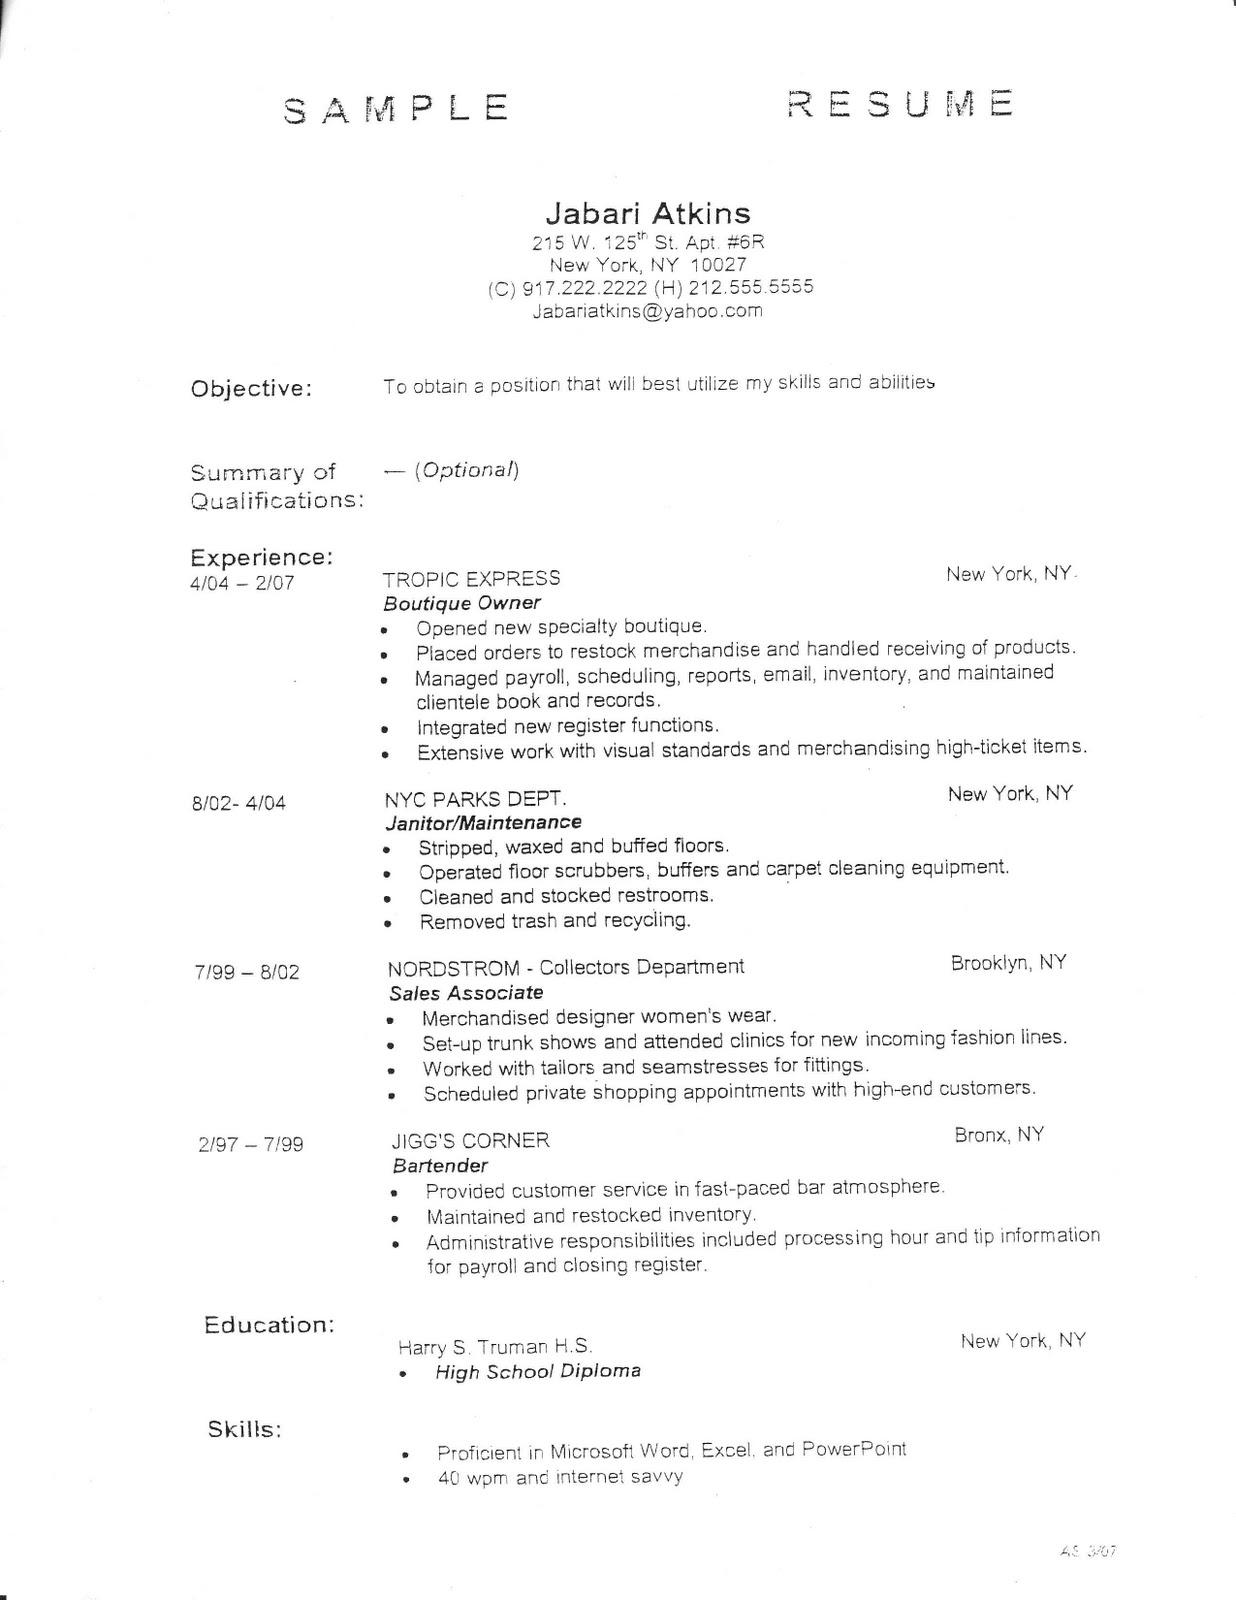 Basic Outline For A Resume